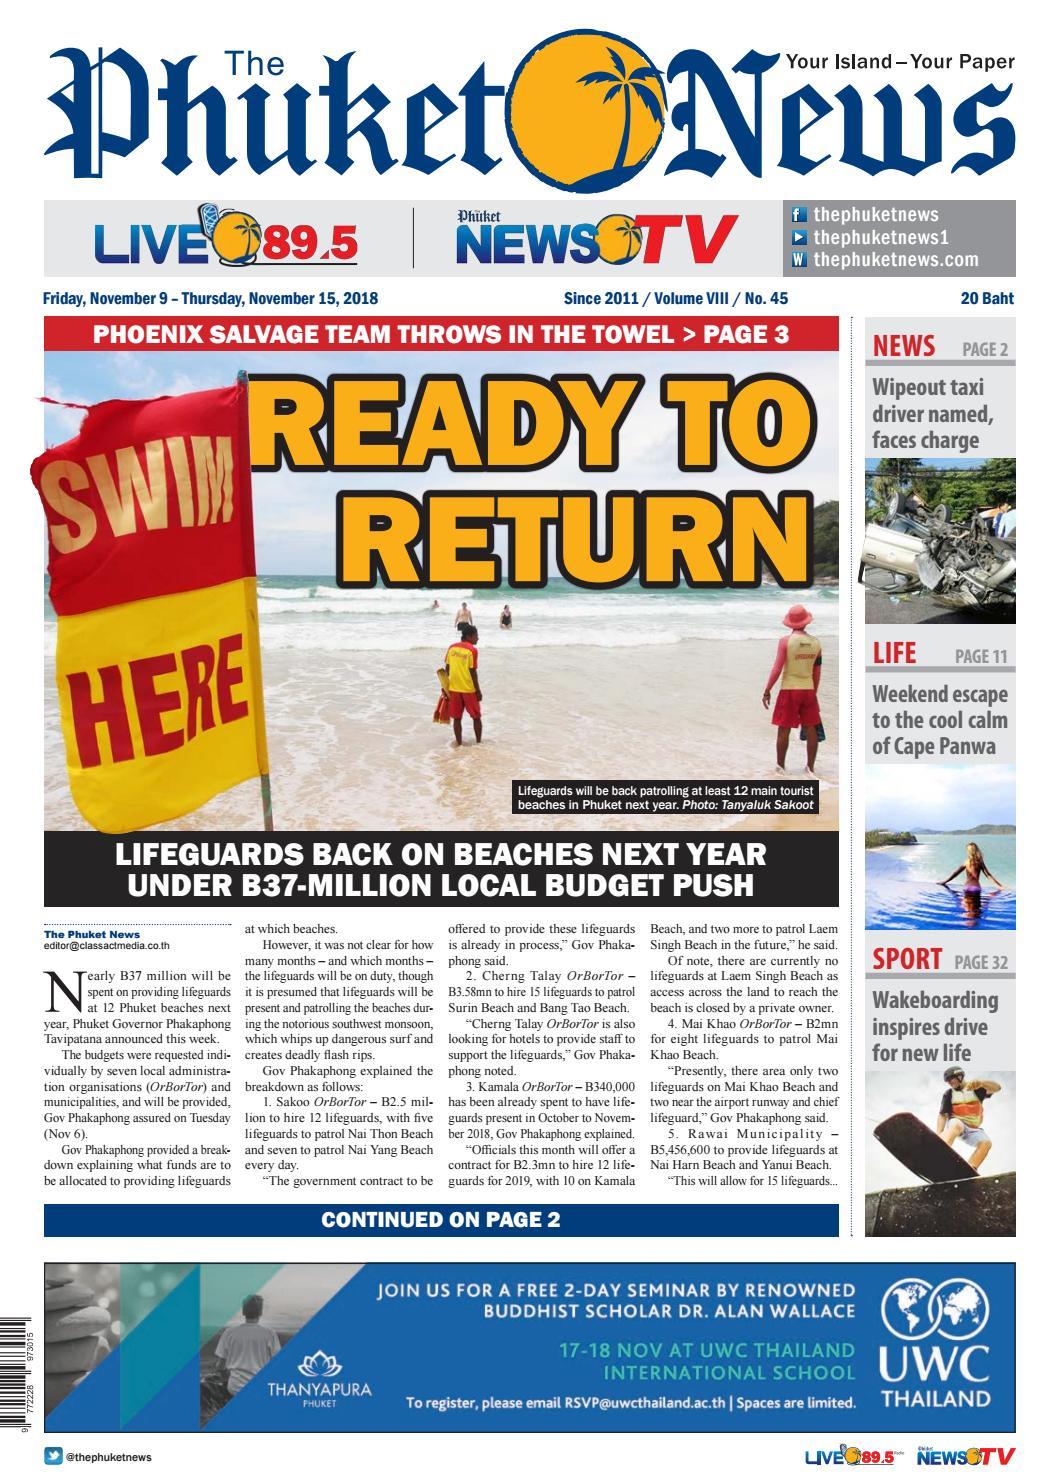 b613e2e005a The Phuket News 09 November 2018 by The Phuket News - issuu